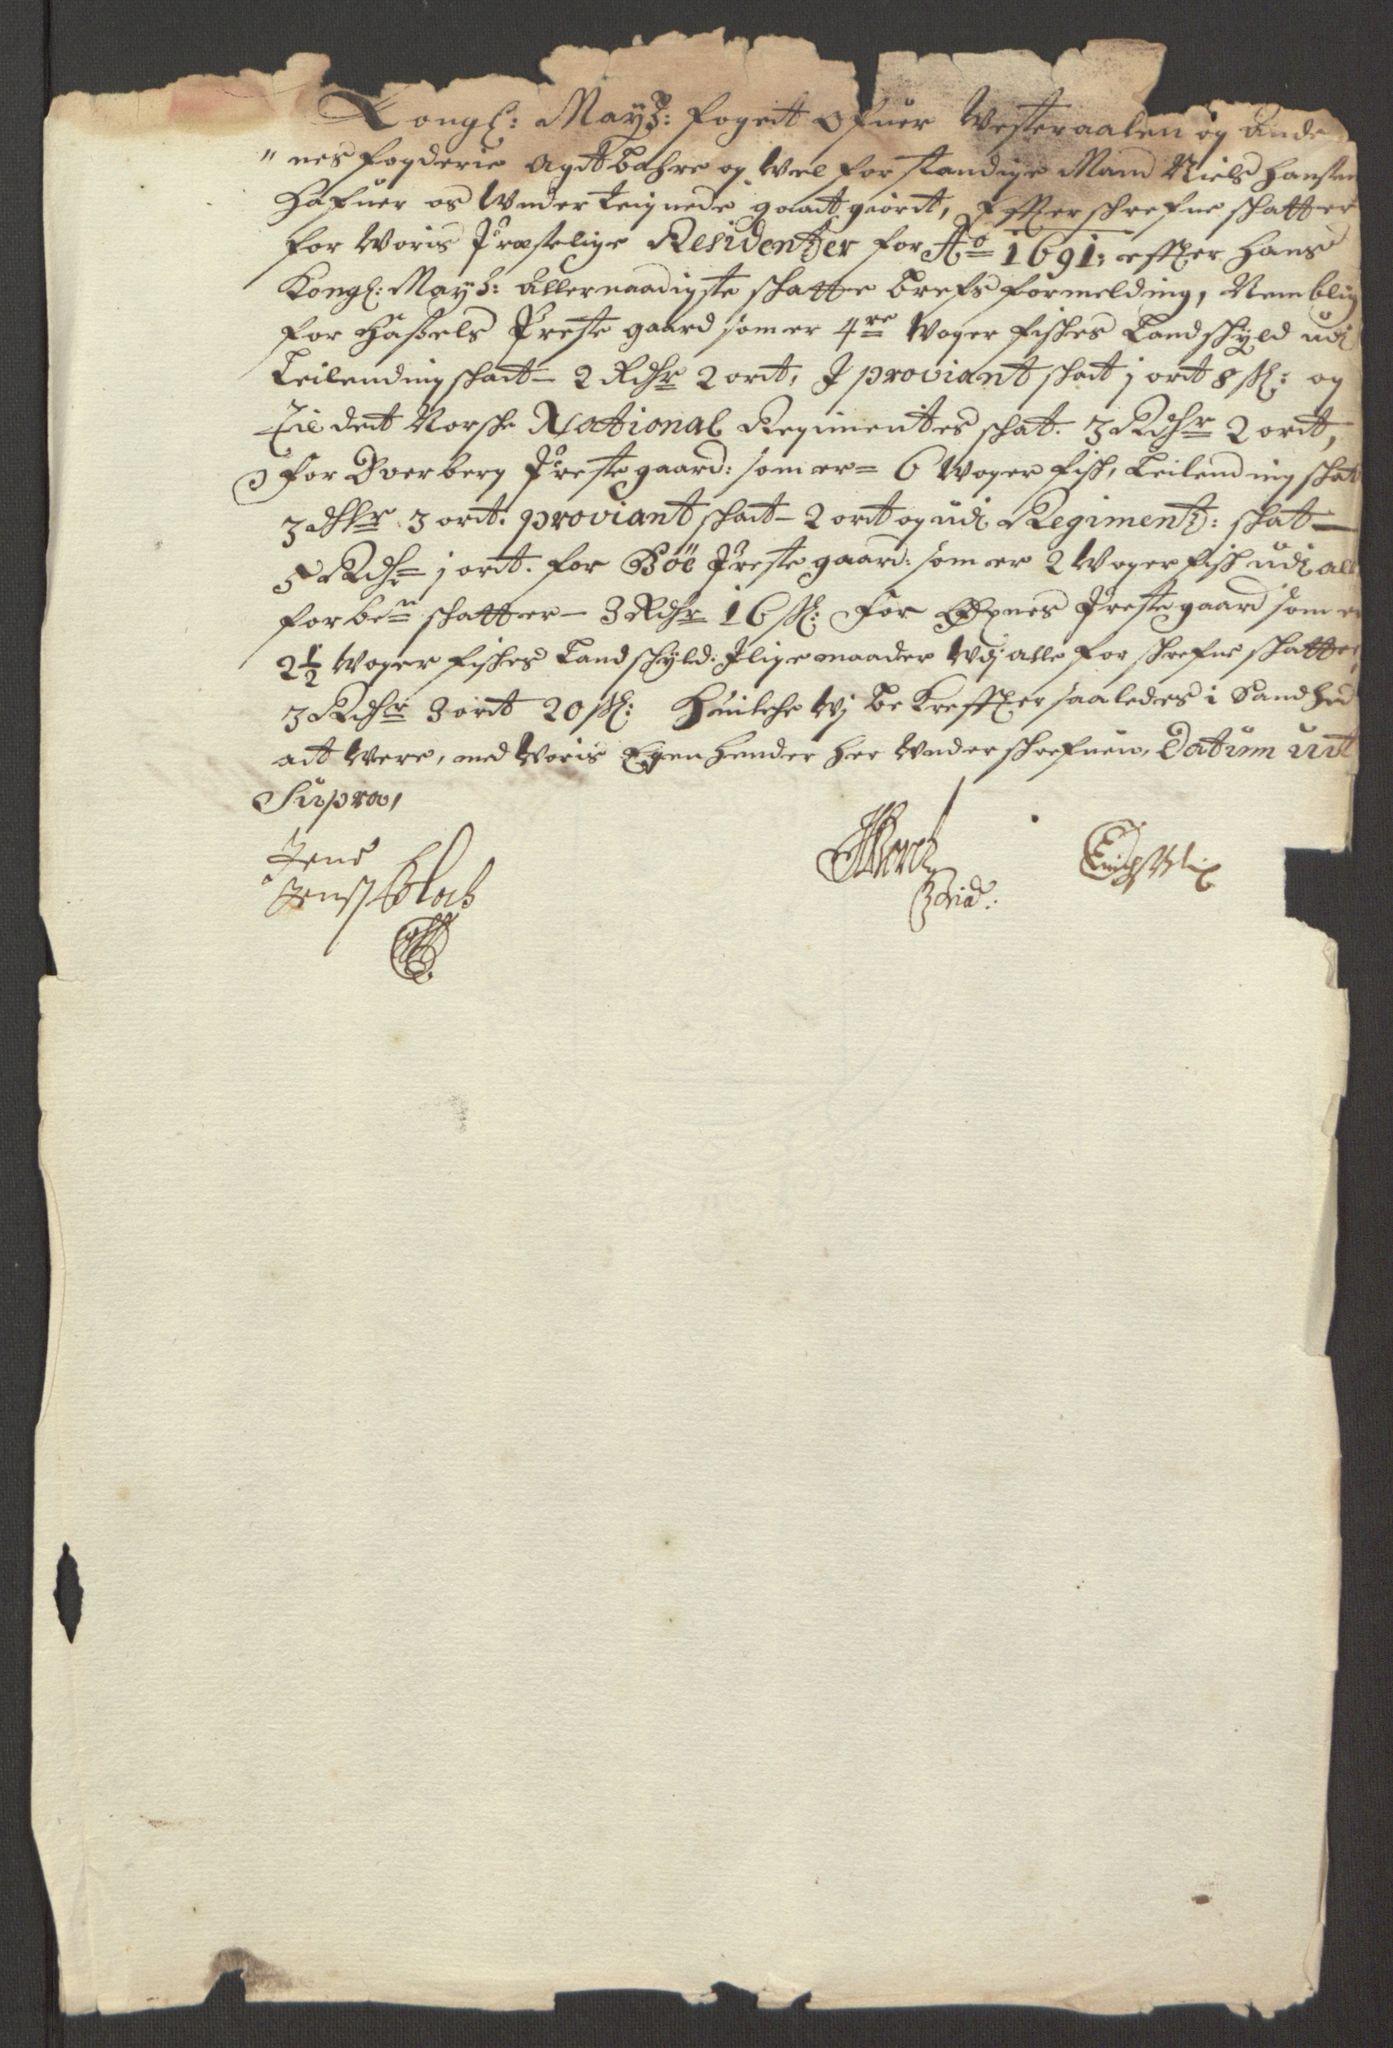 RA, Rentekammeret inntil 1814, Reviderte regnskaper, Fogderegnskap, R67/L4676: Fogderegnskap Vesterålen, Andenes og Lofoten, 1691-1693, s. 78